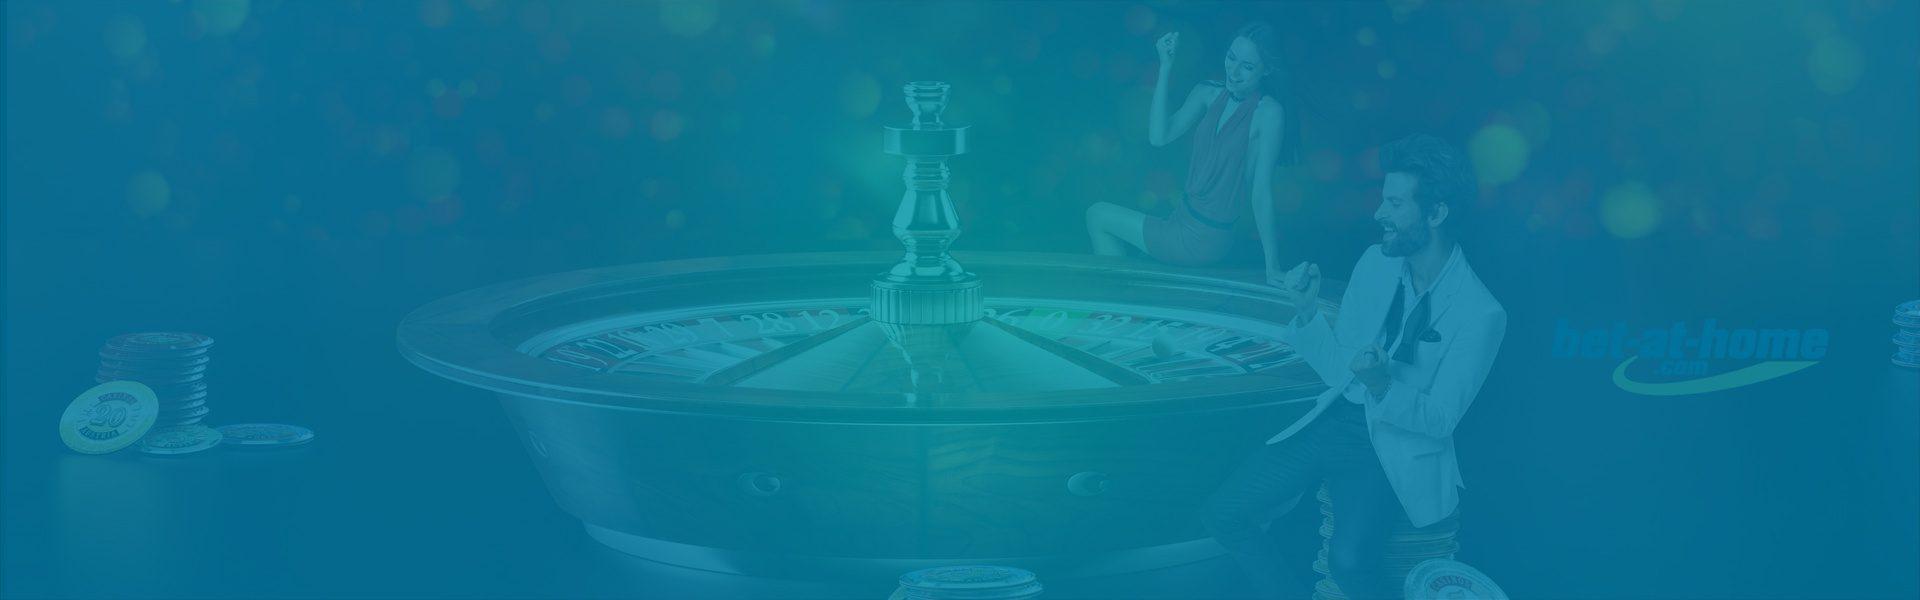 Lottogewinne in Schweiz Bet - 6619